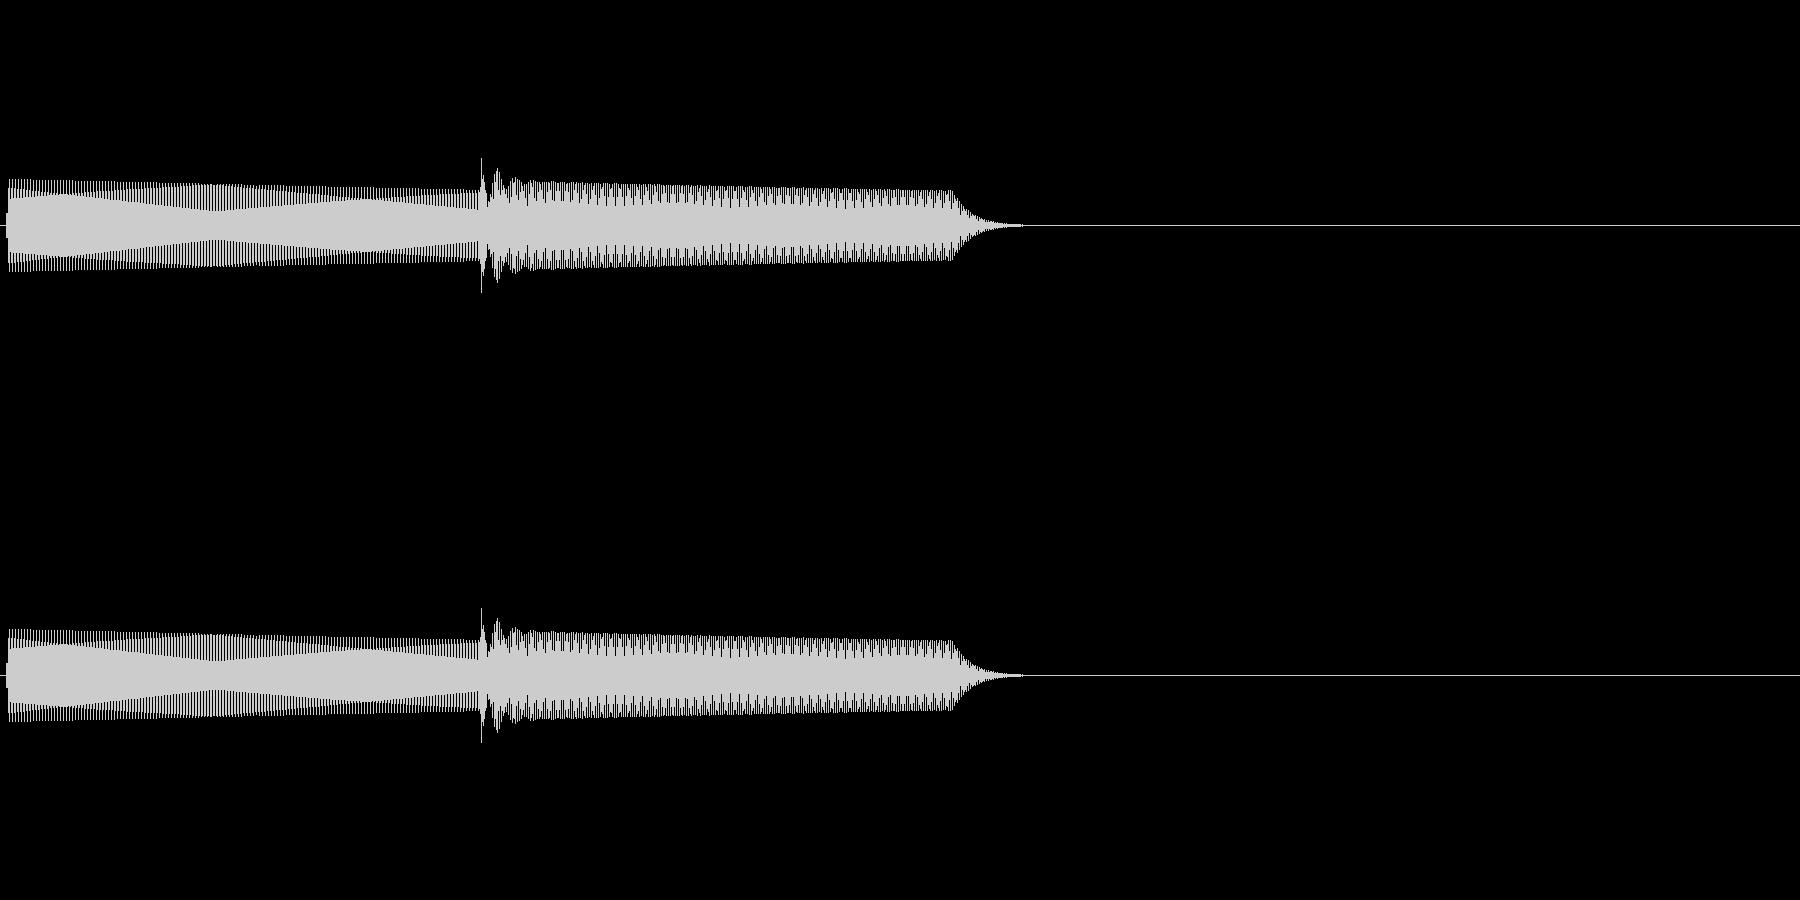 ピコンと鳴る電子音の未再生の波形